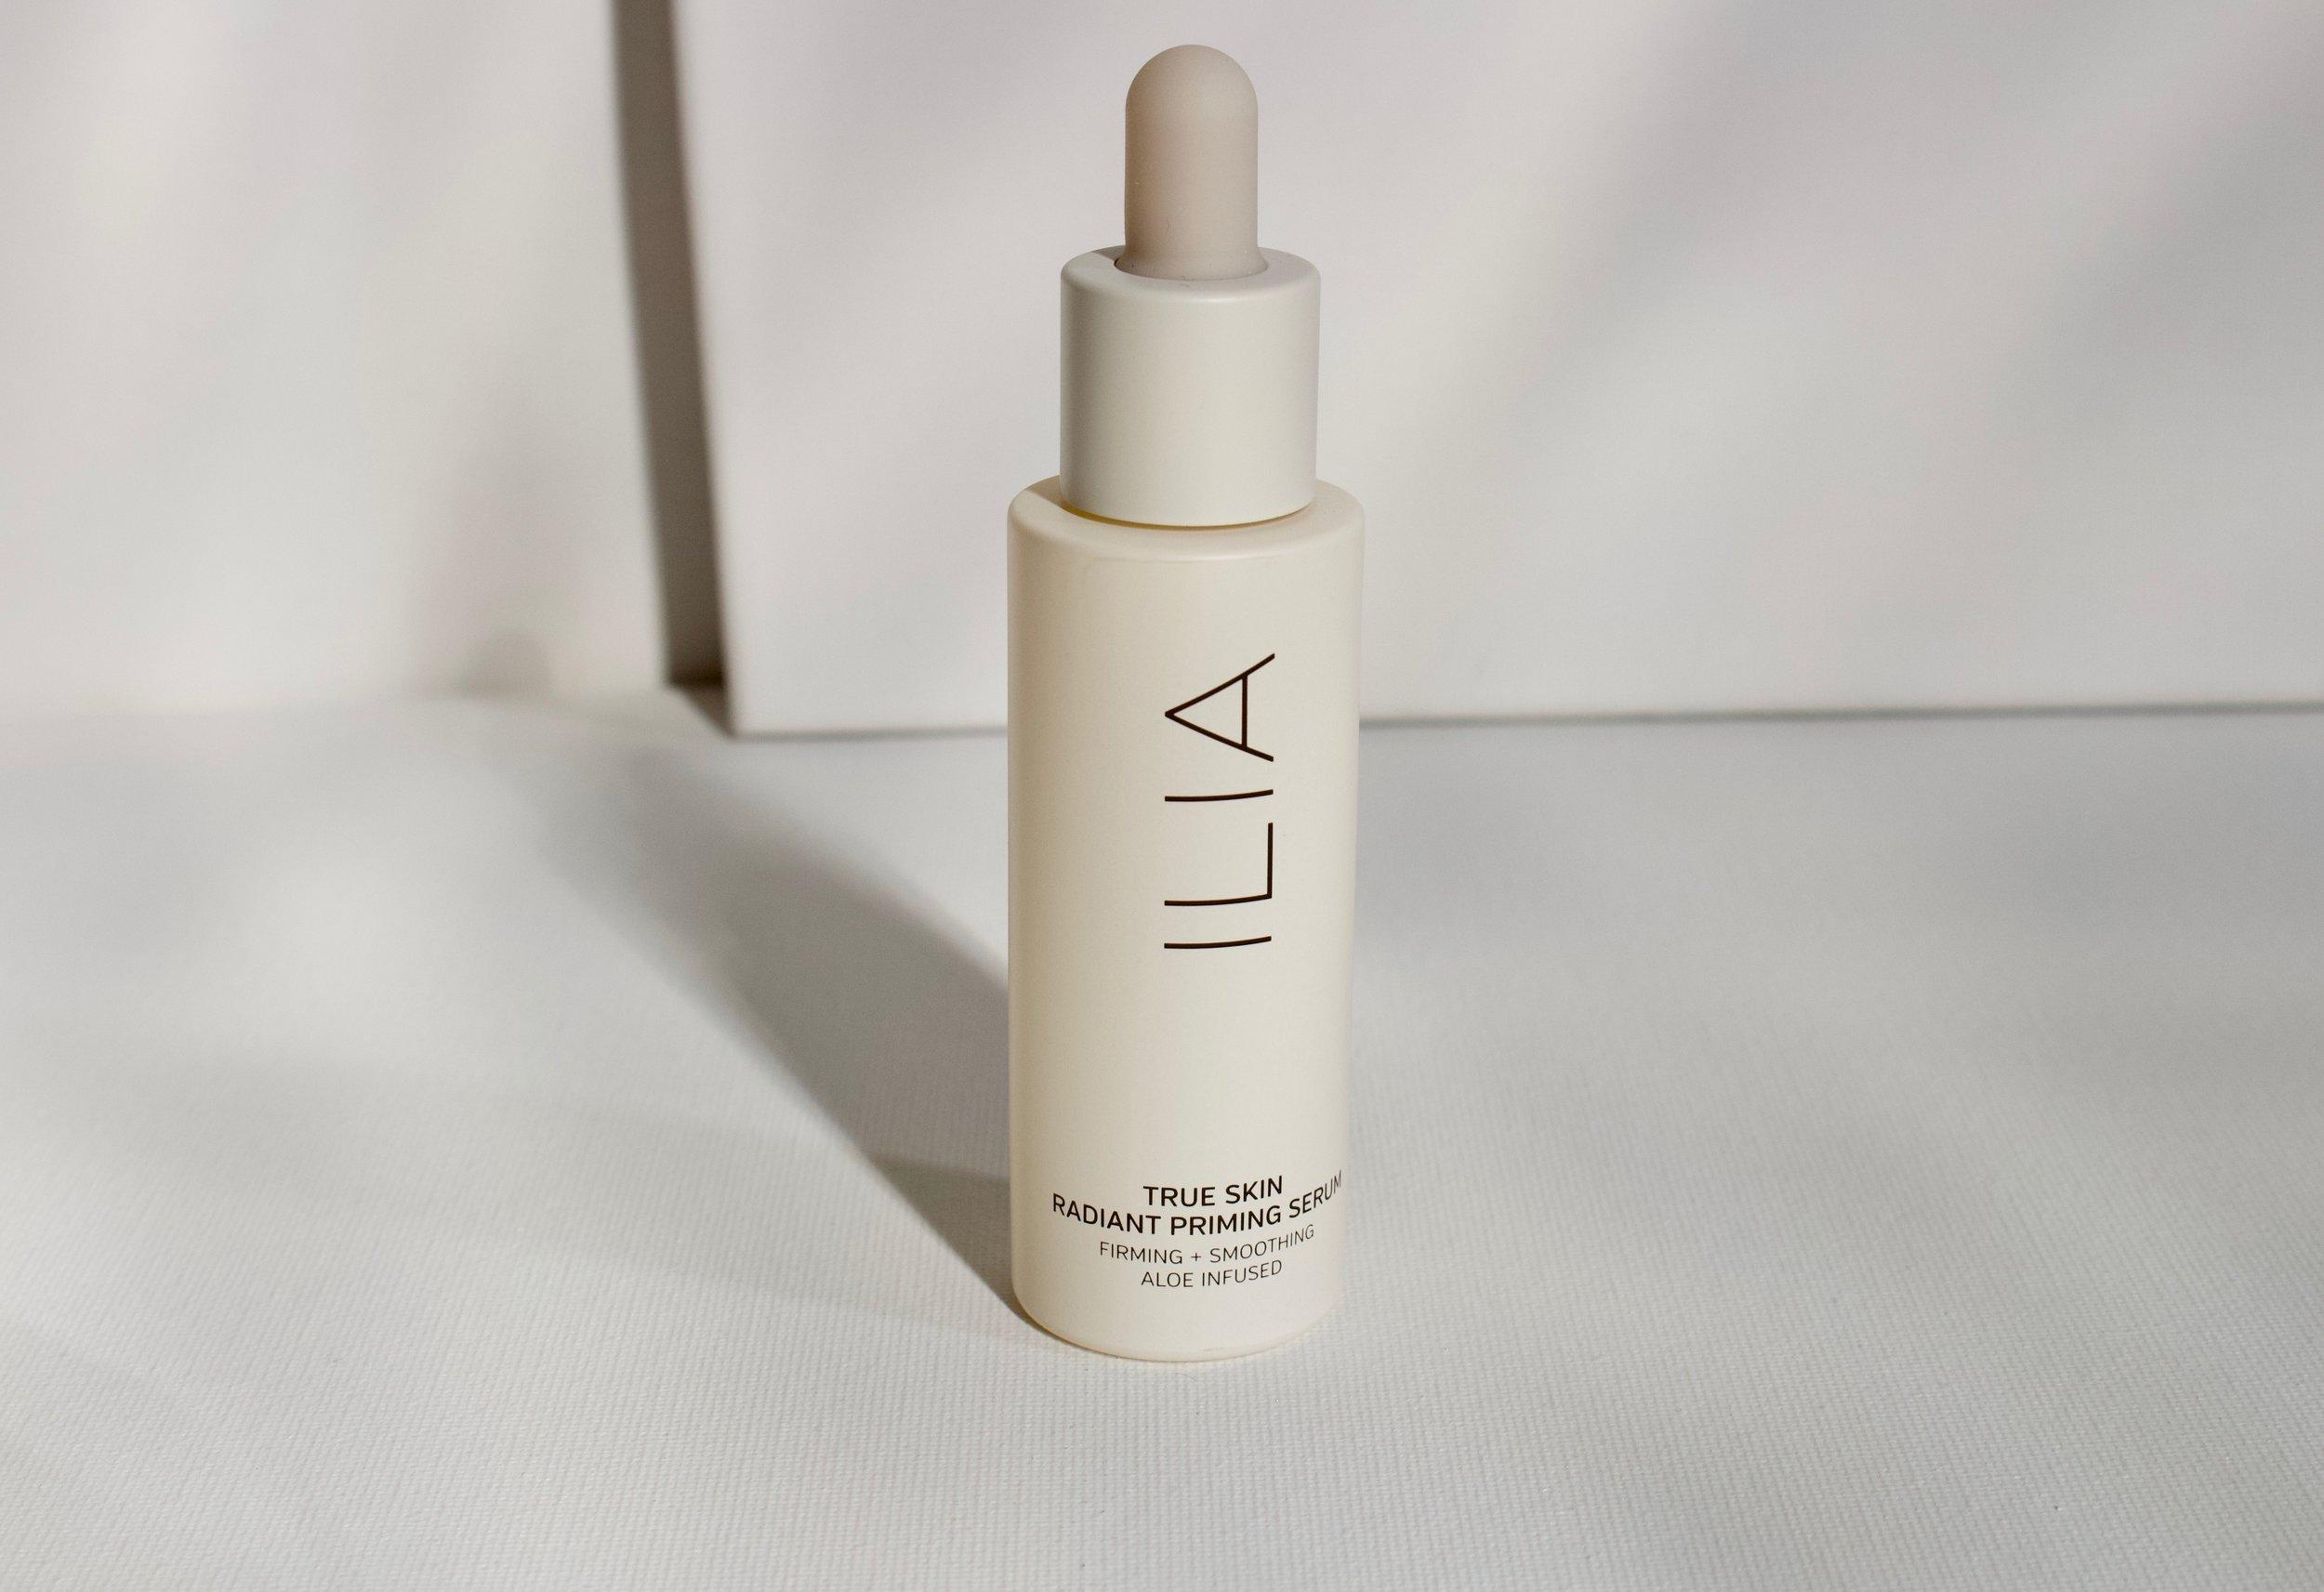 Ilia True Skin Radian Priming Serum: $52